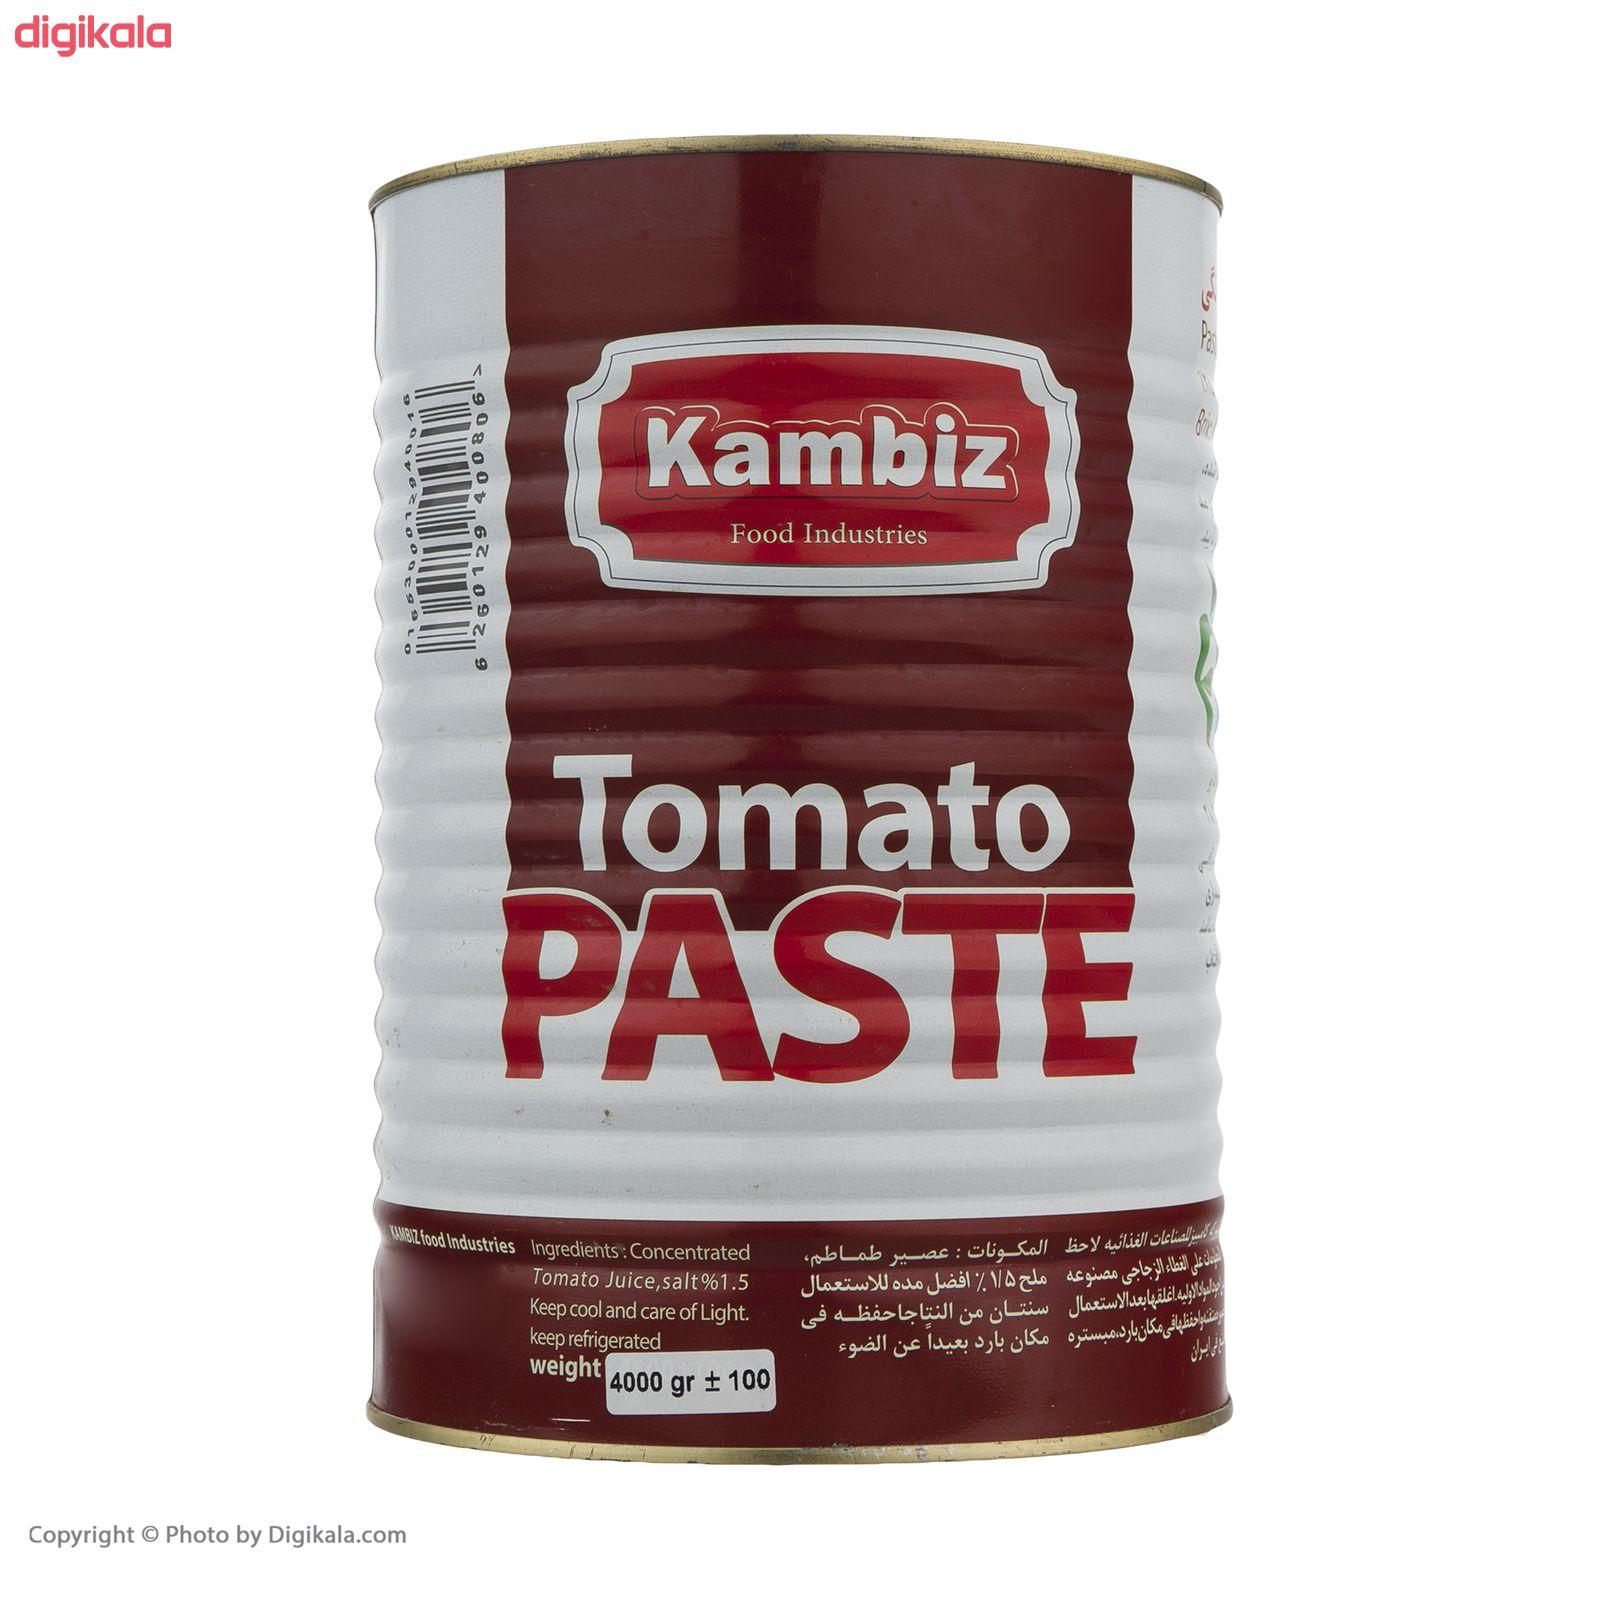 کنسرو رب گوجه فرنگی کامبیز - 4 کیلوگرم main 1 3